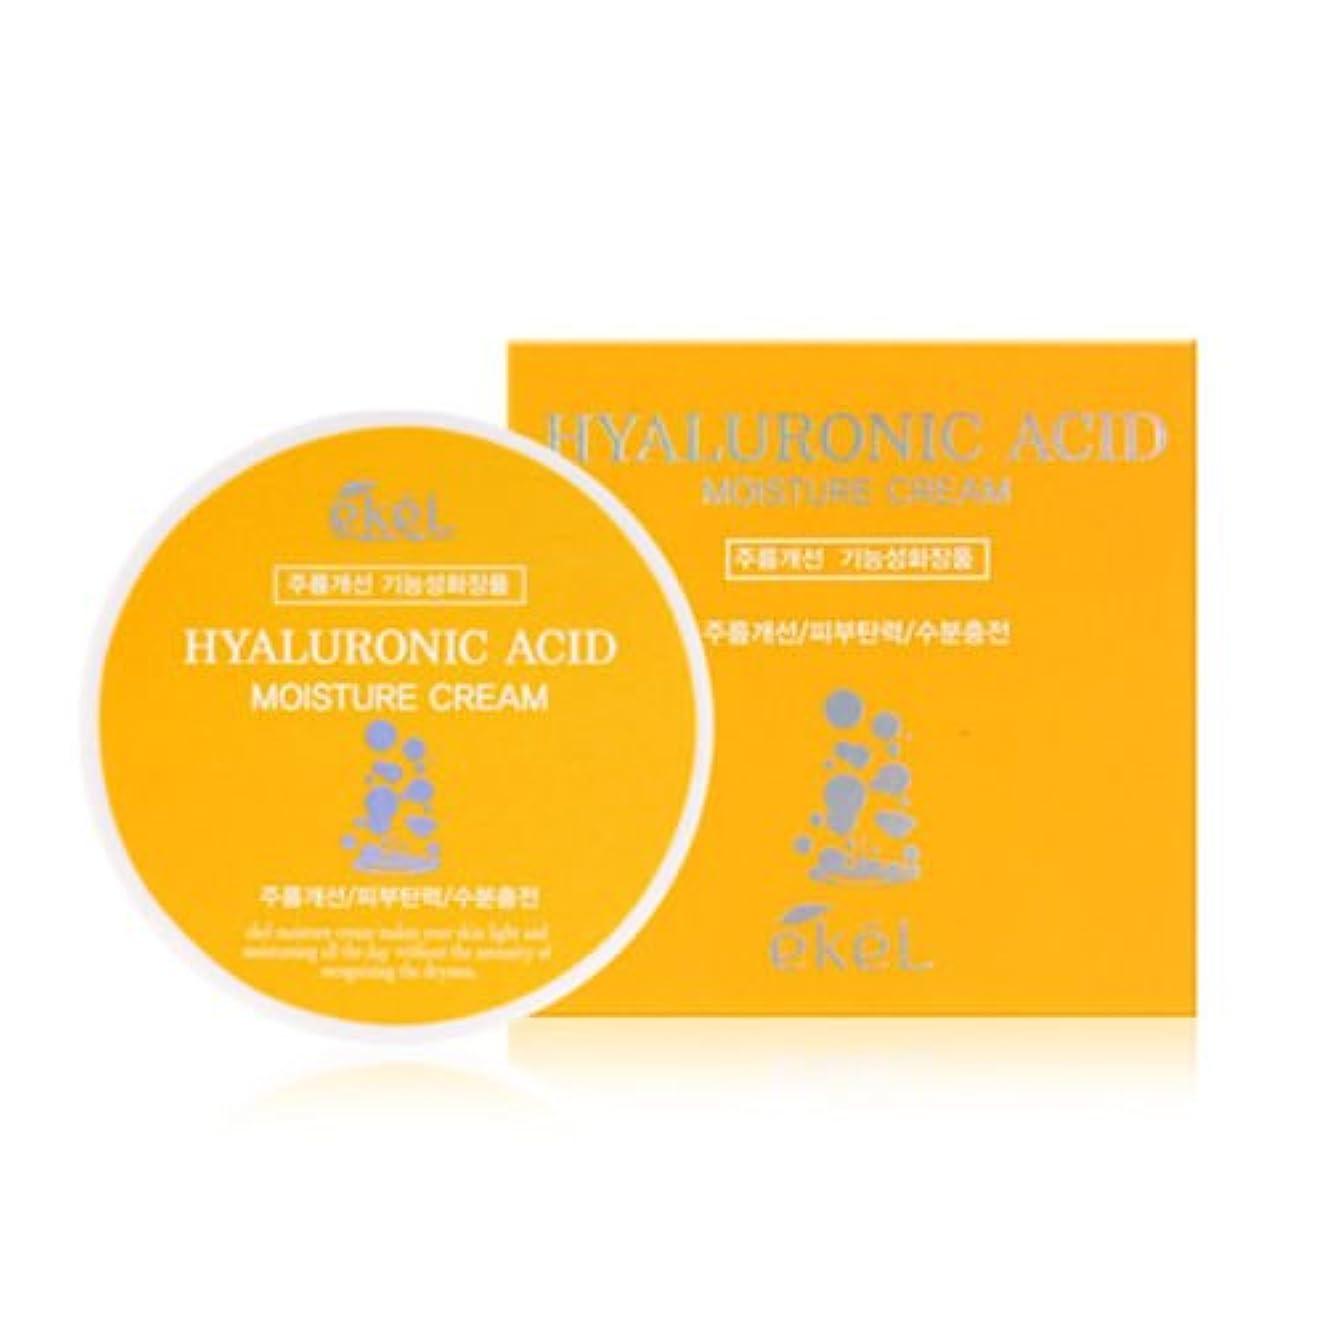 ドラマ一族セールイケル[韓国コスメEkel]Hyaluronic acid Moisture Cream ヒアルロン酸モイスチャークリーム100g [並行輸入品]